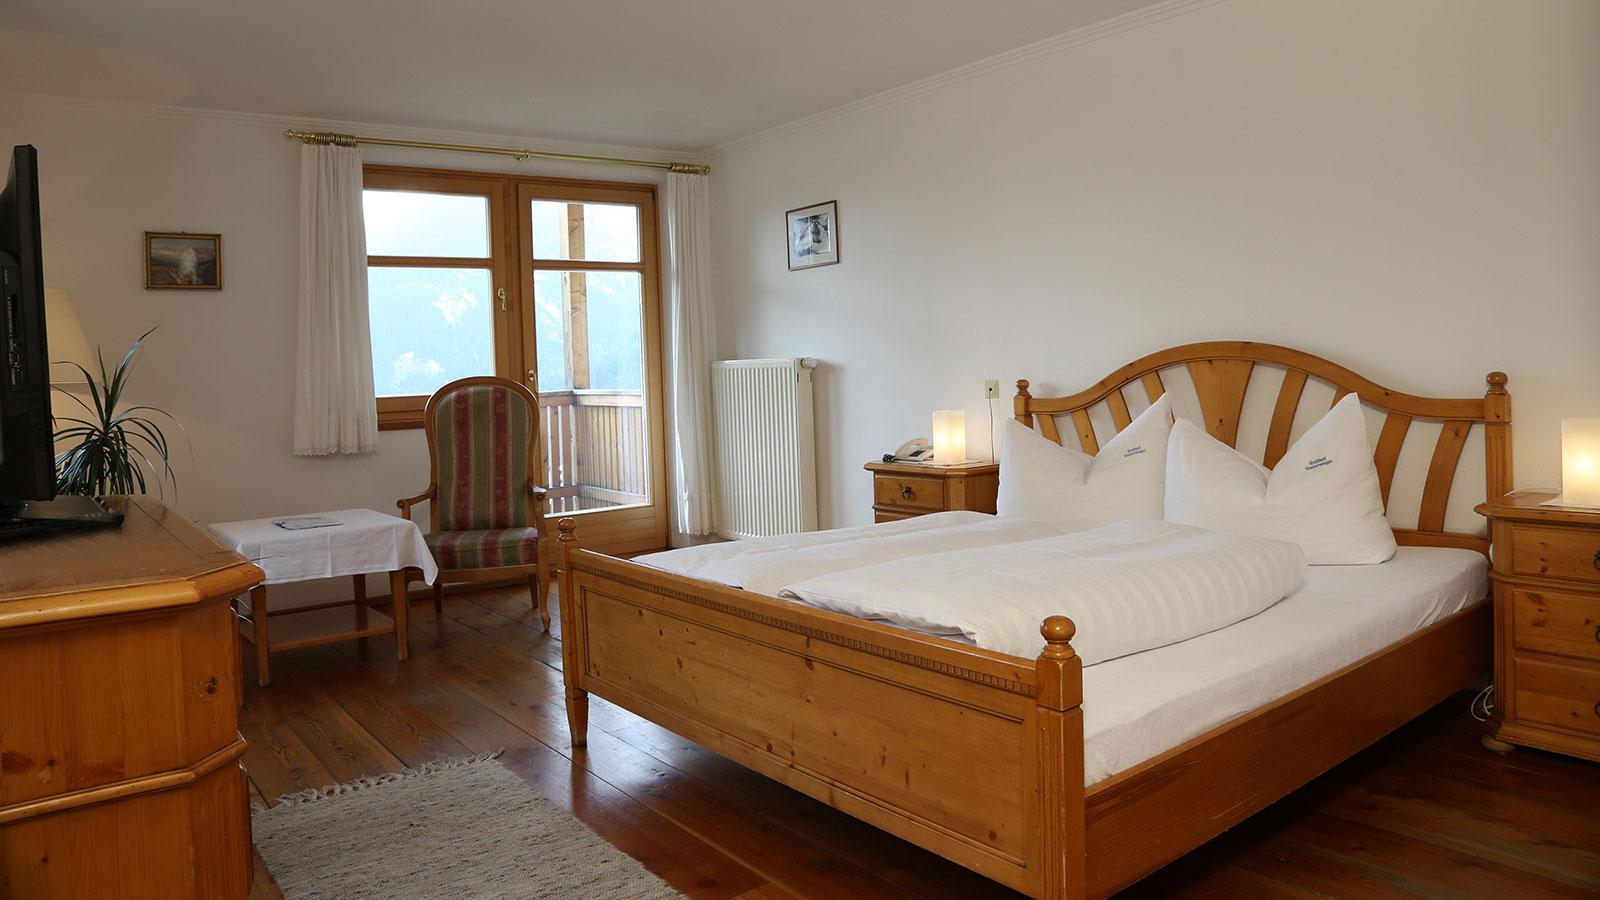 Camere nell hotel albergo unterw ger for Nuove case con suite suocera